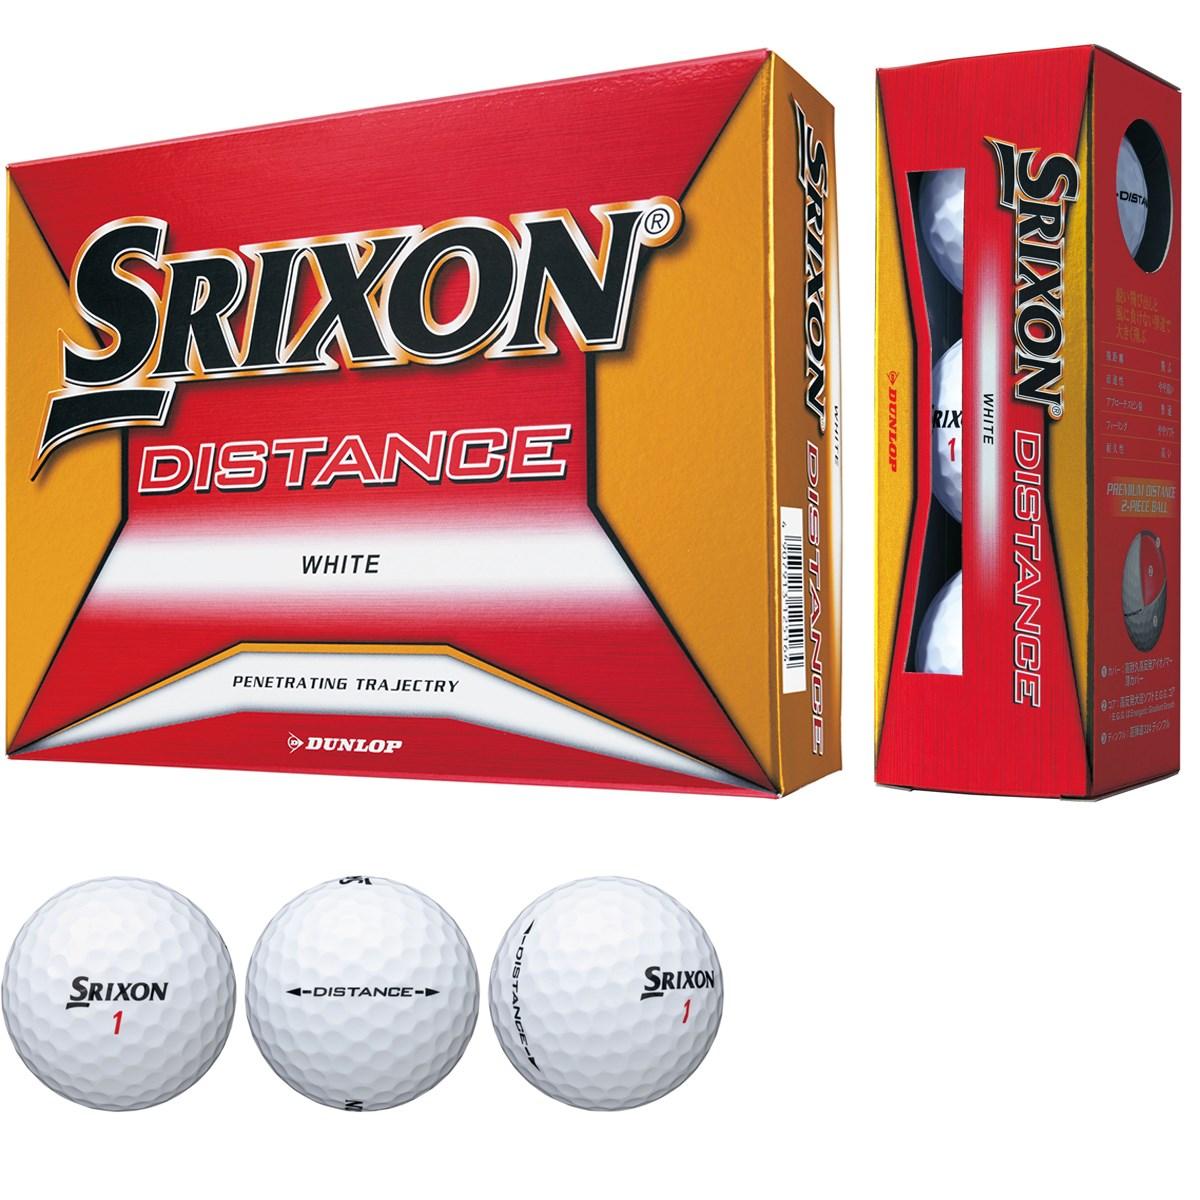 ダンロップ SRIXON スリクソン DISTANCE8 ボール 3ダースセット 3ダース(36個入り) ホワイト